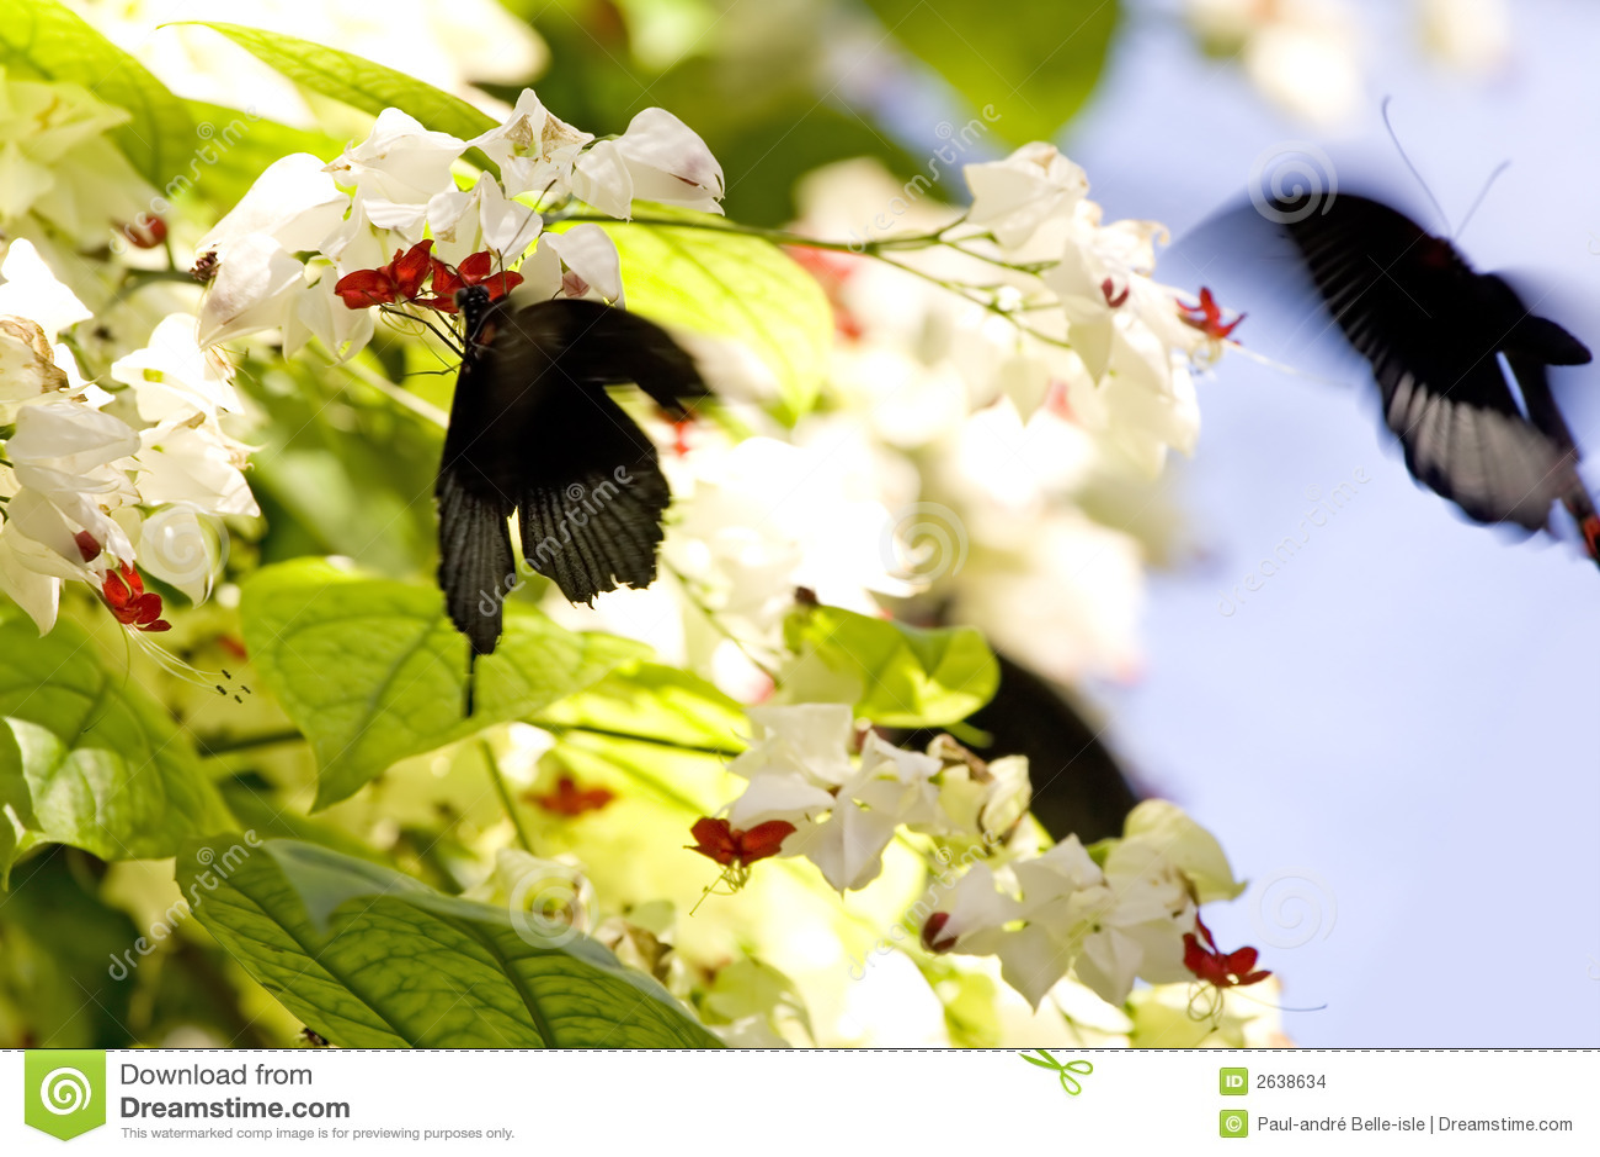 πεταλούδες ενέργειας